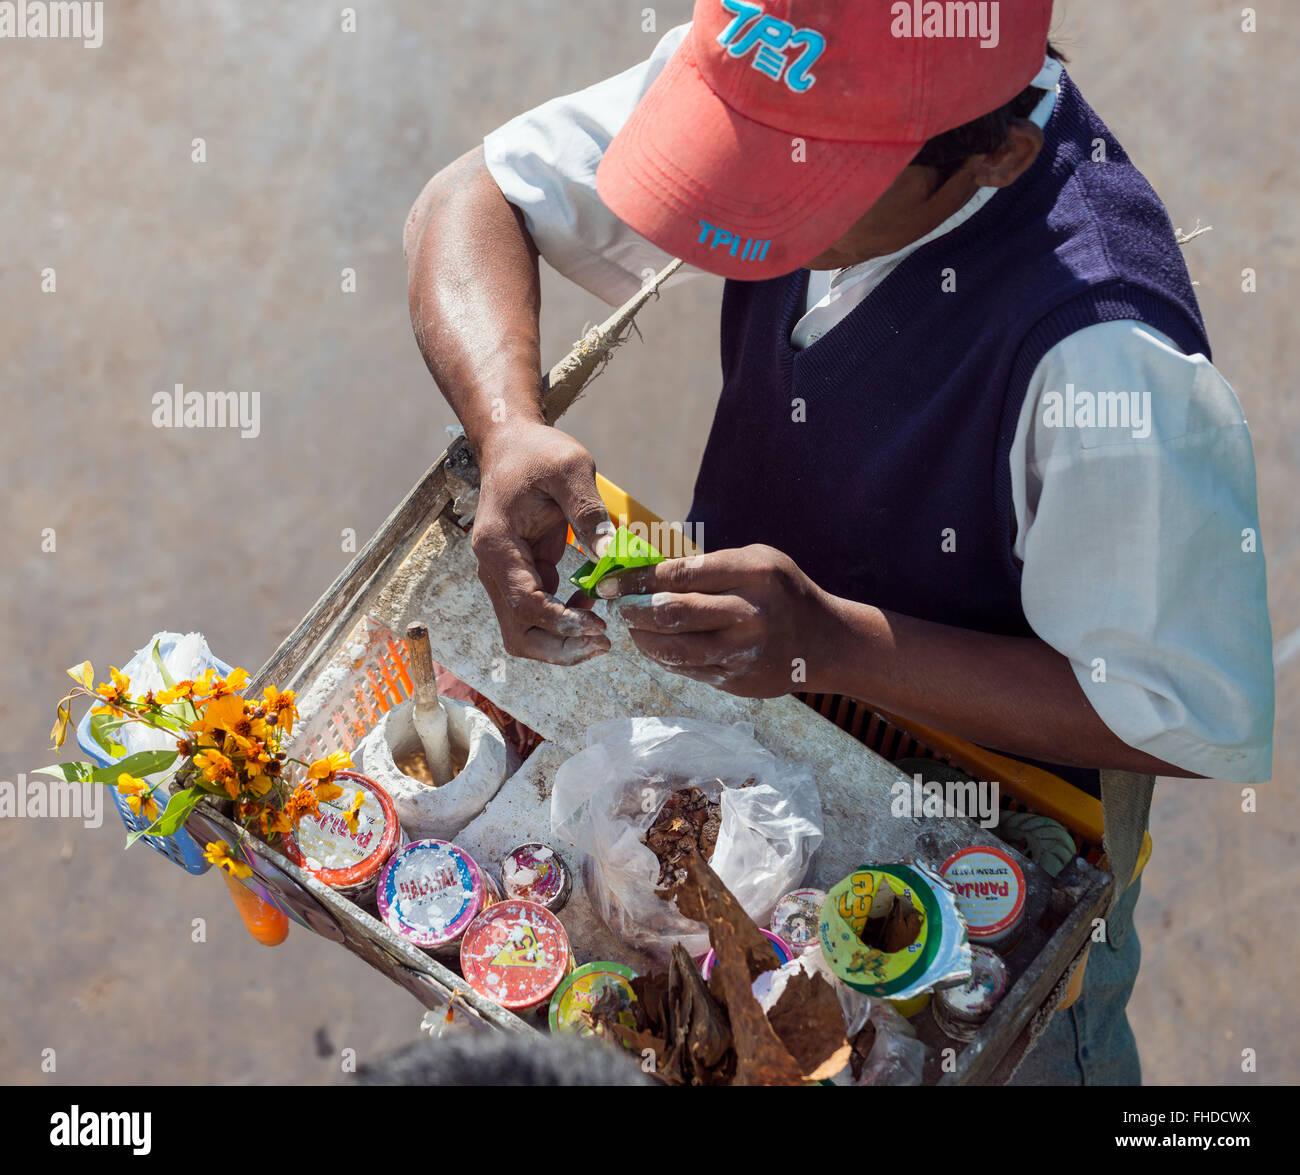 Salesman of areca nuts in betel leaves, Burma - Stock Image